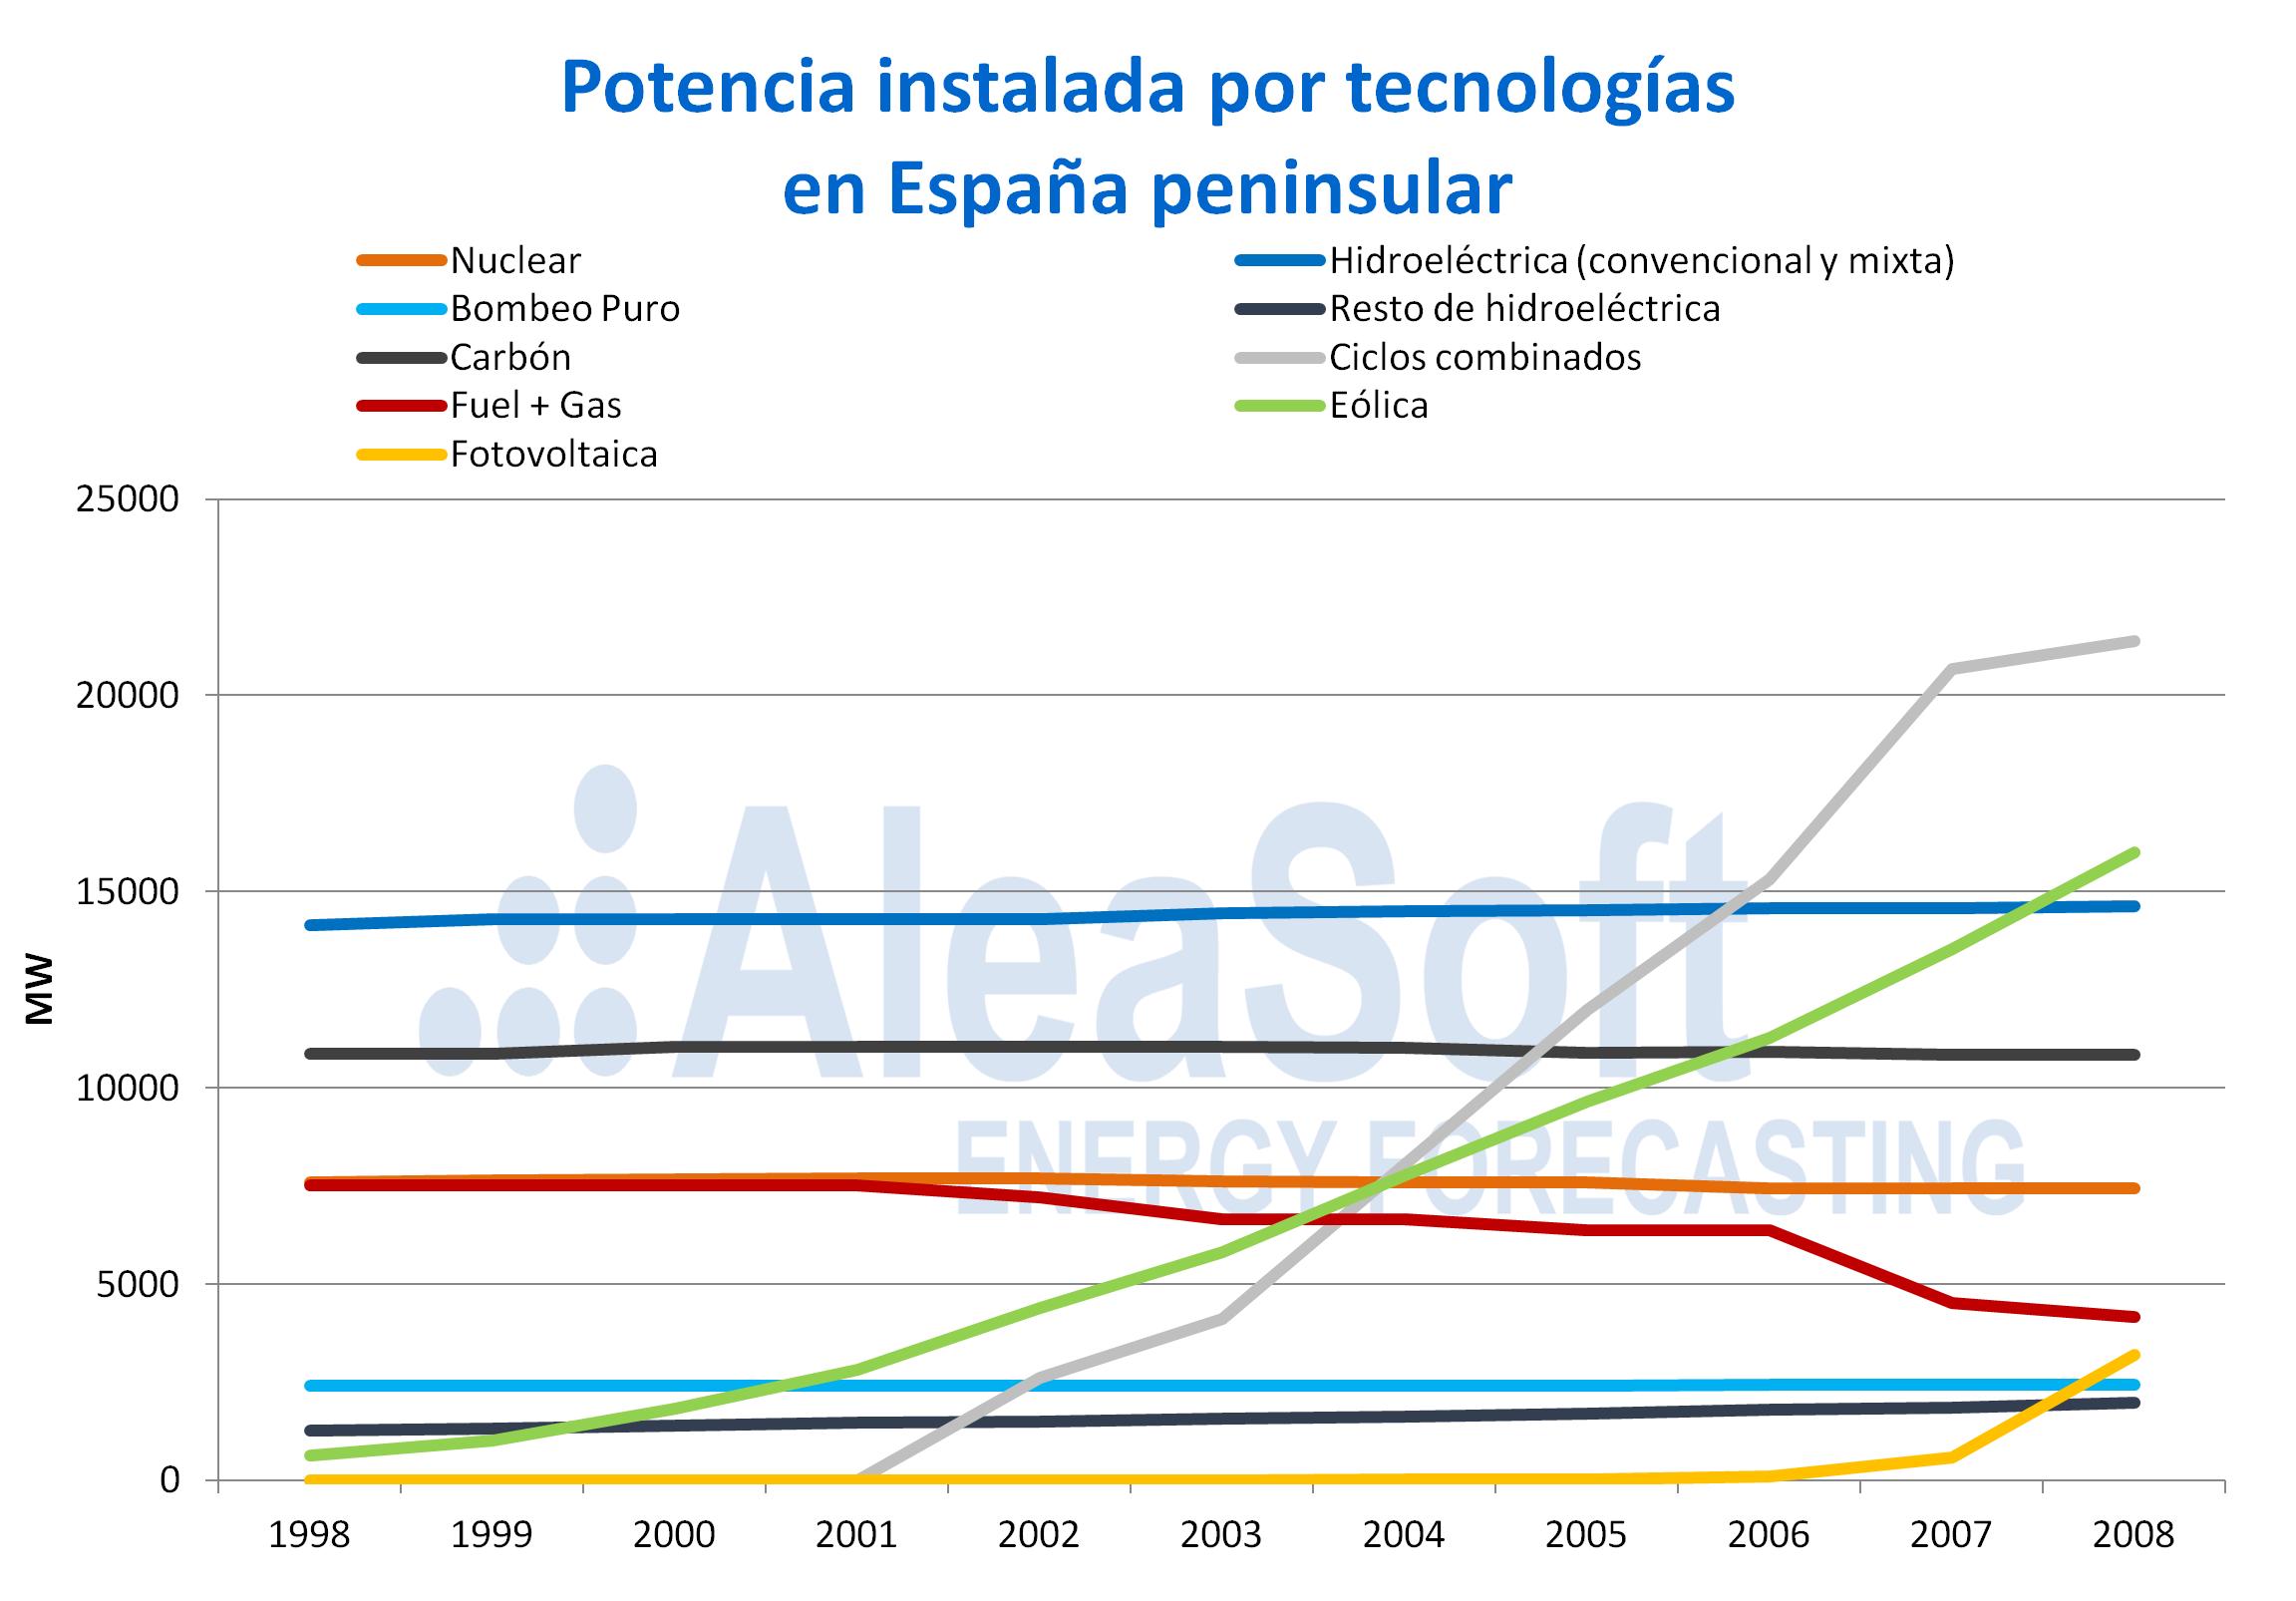 AleaSoft - Potencia instalada por tecnologia en España peninsular